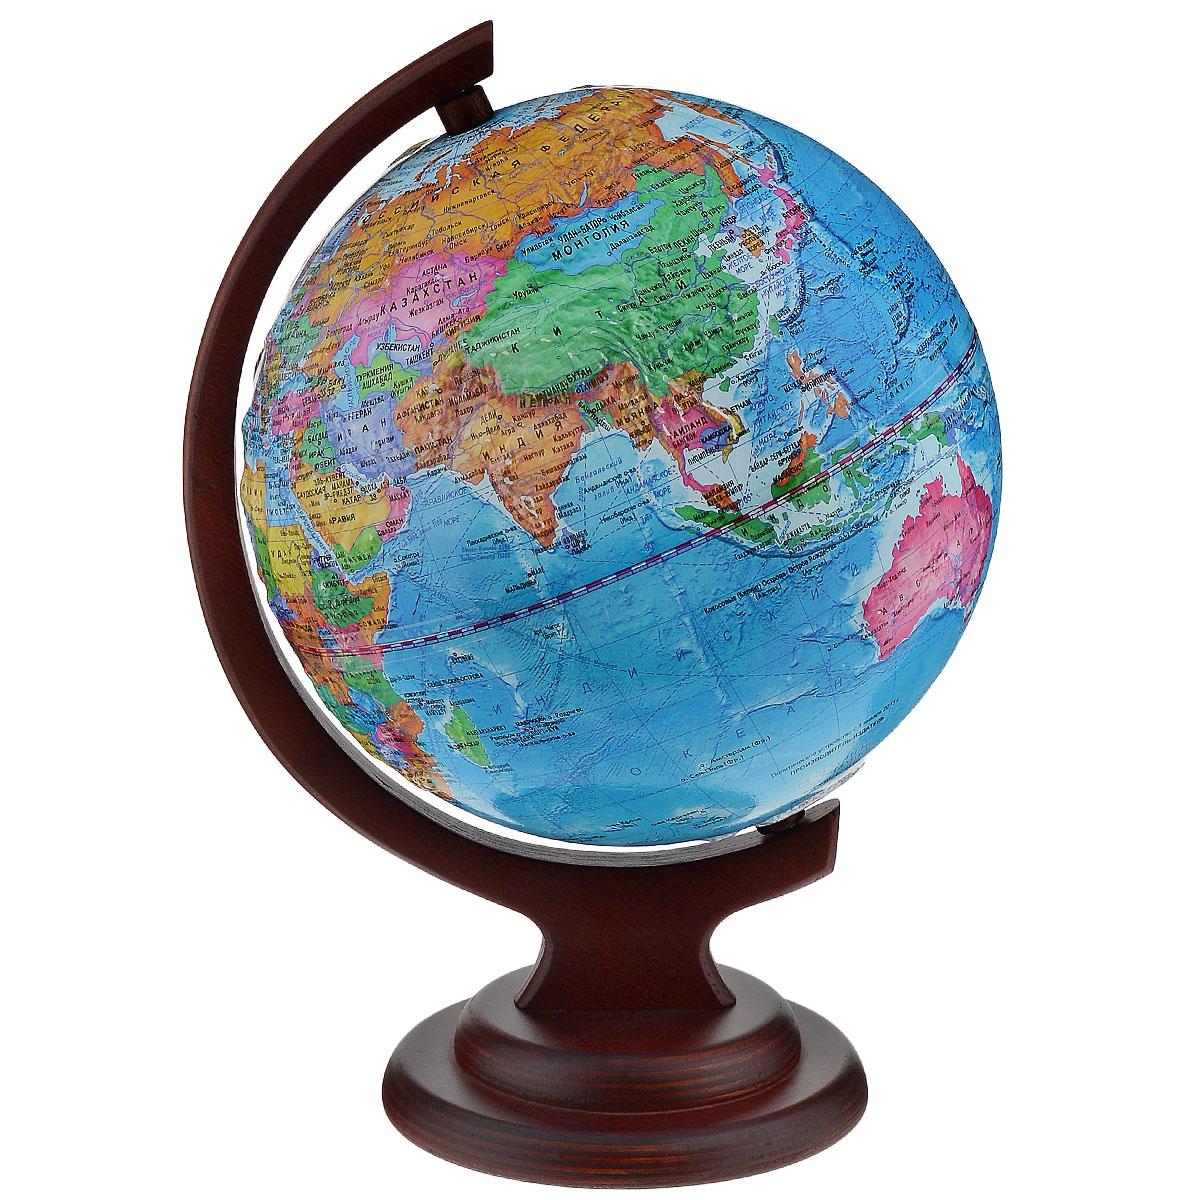 Глобусный мир Глобус с политической картой, рельефный, диаметр 21 см, на деревянной подставкеFS-00897Глобус рельефный с политической картой мира выполнен в высоком качестве, с четким и ярким изображением. Он даст представление о политическом устройстве мира. На нем отображены линии картографической сетки, показаны границы государств и демаркационные линии, столицы и крупные населенные пункты, линия перемены дат. Глобус легко вращается вокруг своей оси. Глобус является уменьшенной и практически не искаженной моделью Земли и предназначен для использования в качестве наглядного картографического пособия, а также для украшения интерьера квартир, кабинетов и офисов. Красочность, повышенная наглядность визуального восприятия взаимосвязей, отображенных на глобусе объектов и явлений, в сочетании с простотой выполнения по нему различных измерений делают глобус доступным широкому кругу потребителей для получения разнообразной познавательной, научной и справочной информации о Земле. Глобус на оригинальной деревянной подставке.Масштаб: 1:60000000.